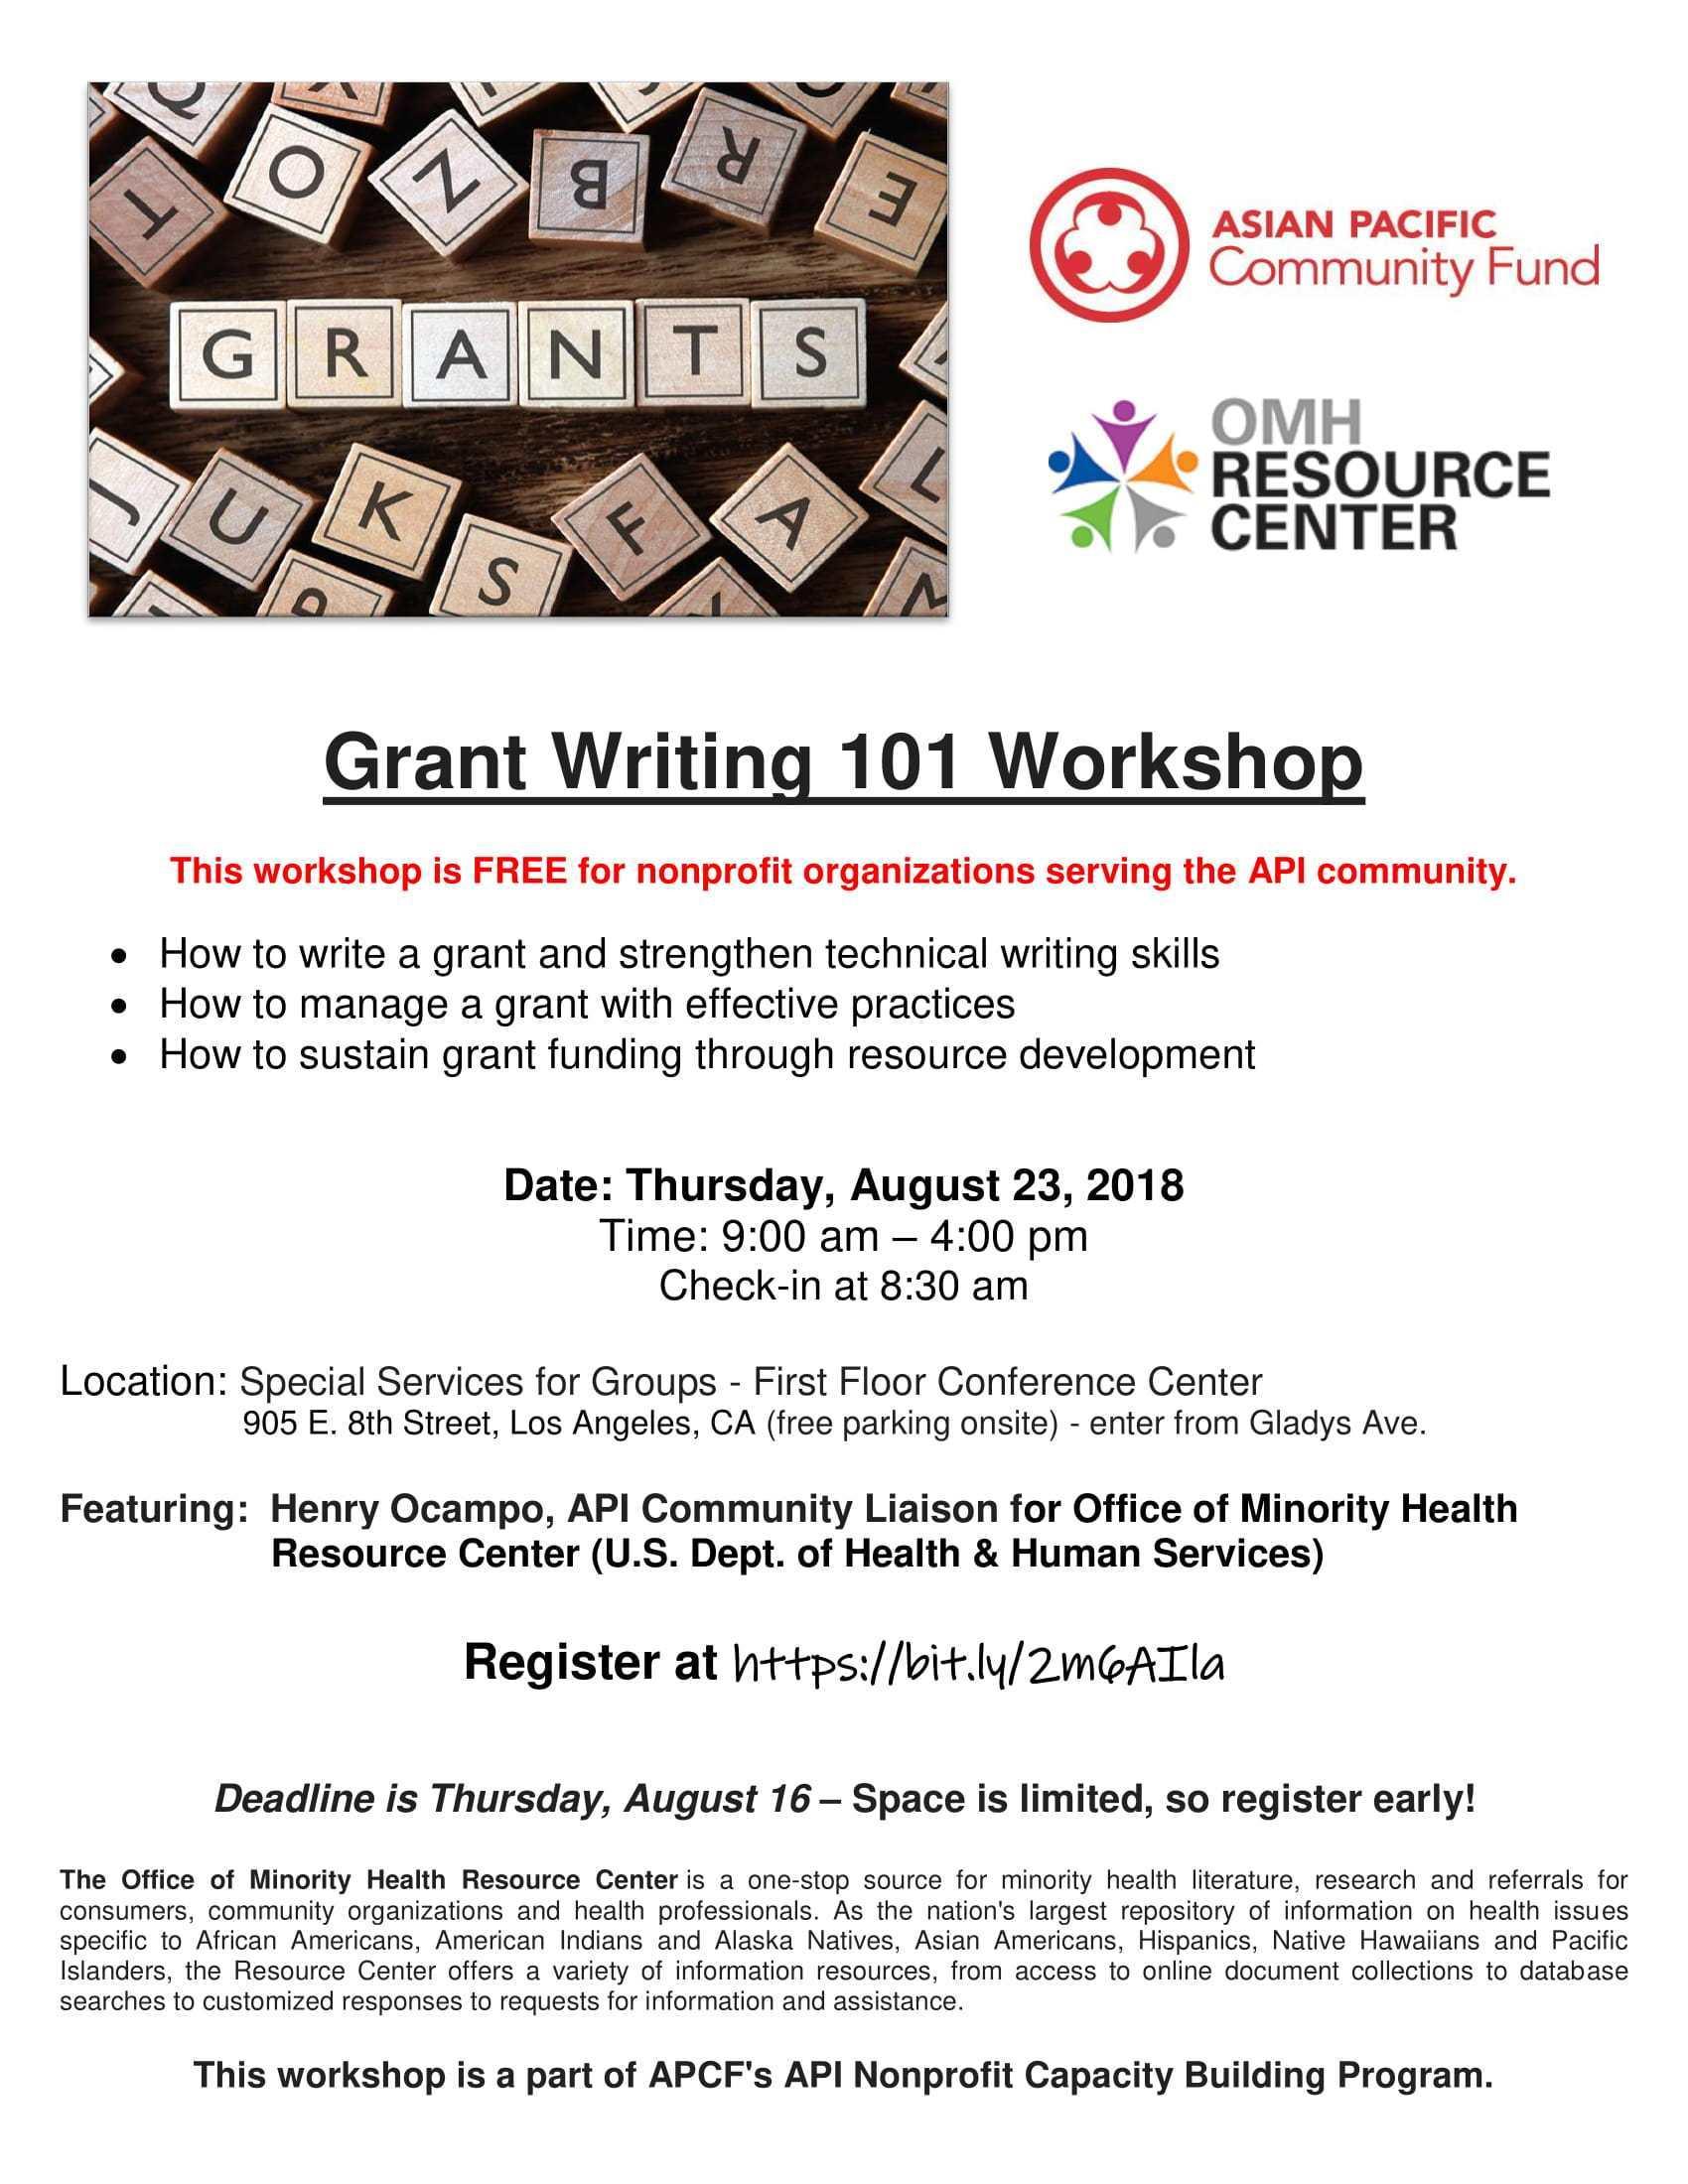 APCF-Grant-Writing-101-Workshop-Flier-2018.jpg